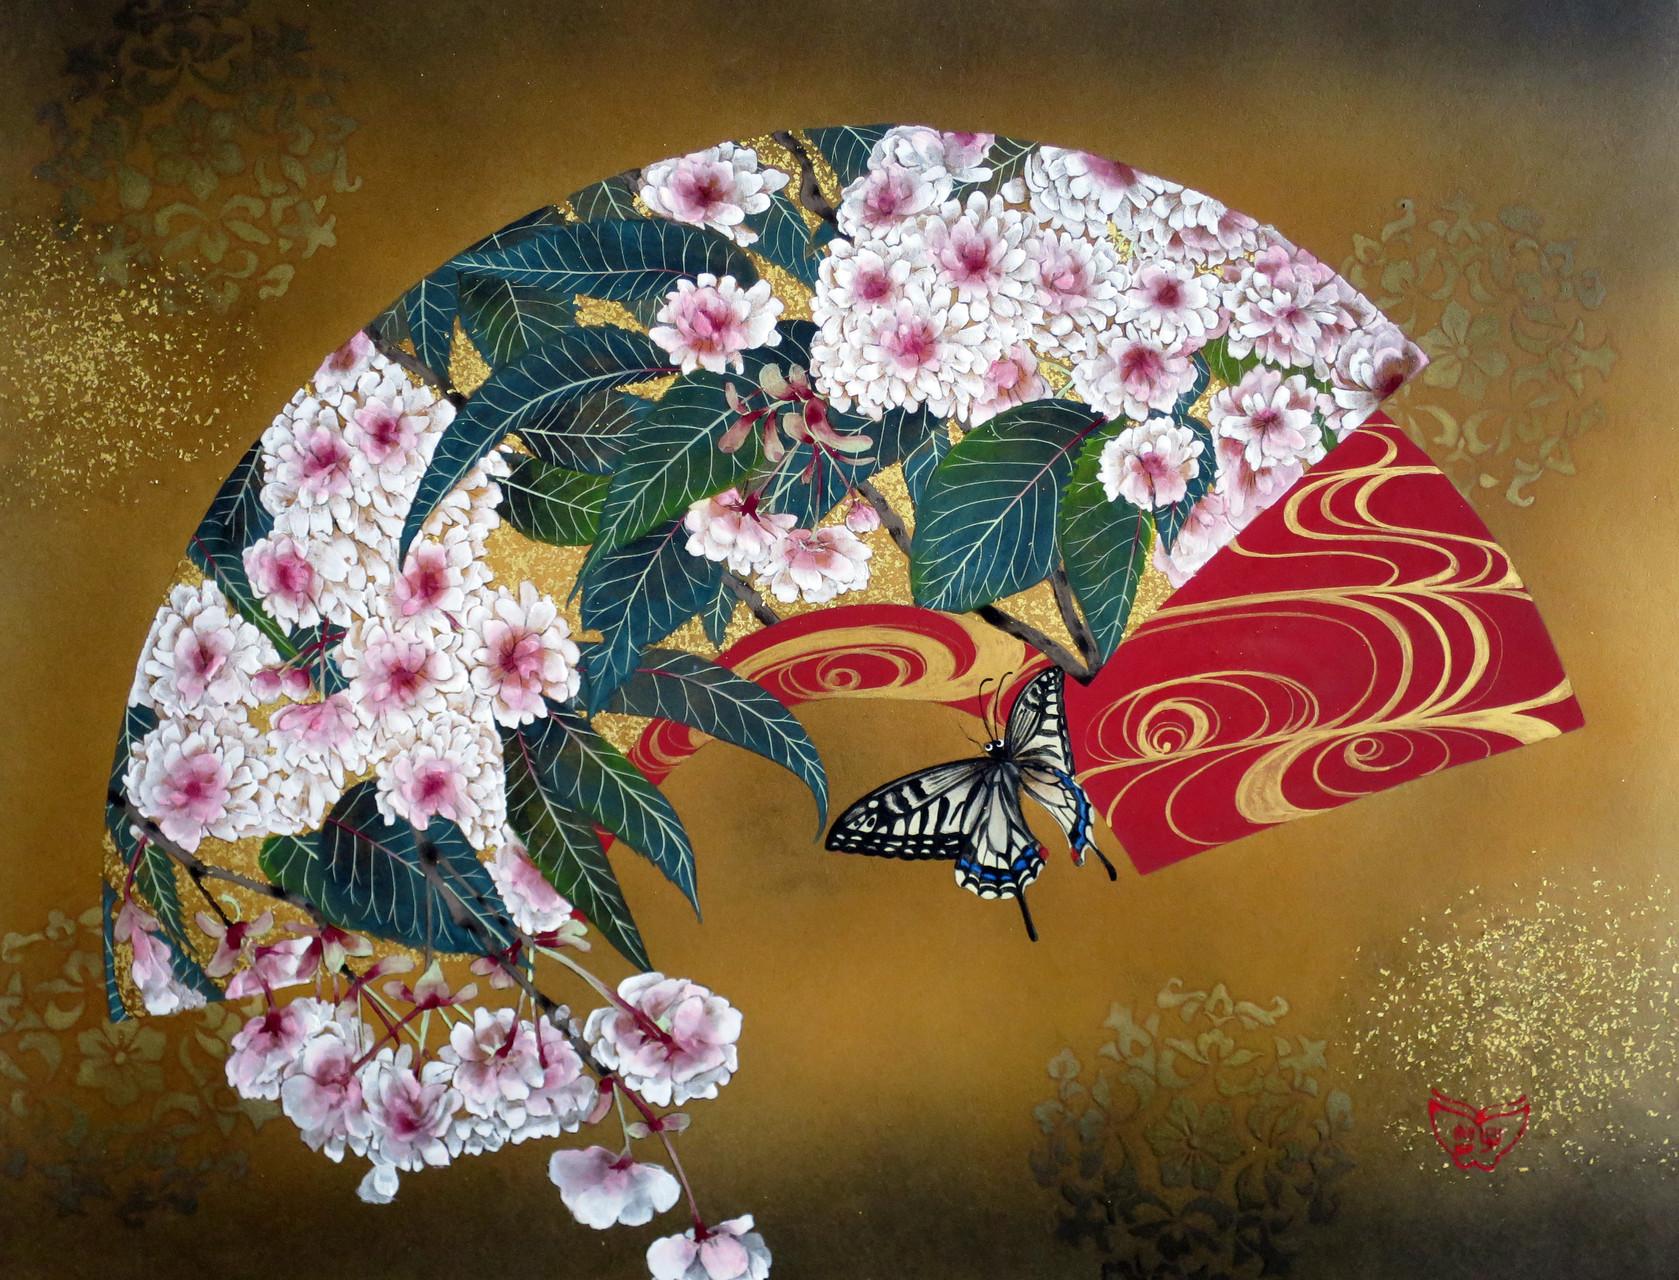 「扇面花蝶図-梅護寺数珠掛桜」 雲肌麻紙・岩絵具・金泥・金箔 F6 162,000円(税込)